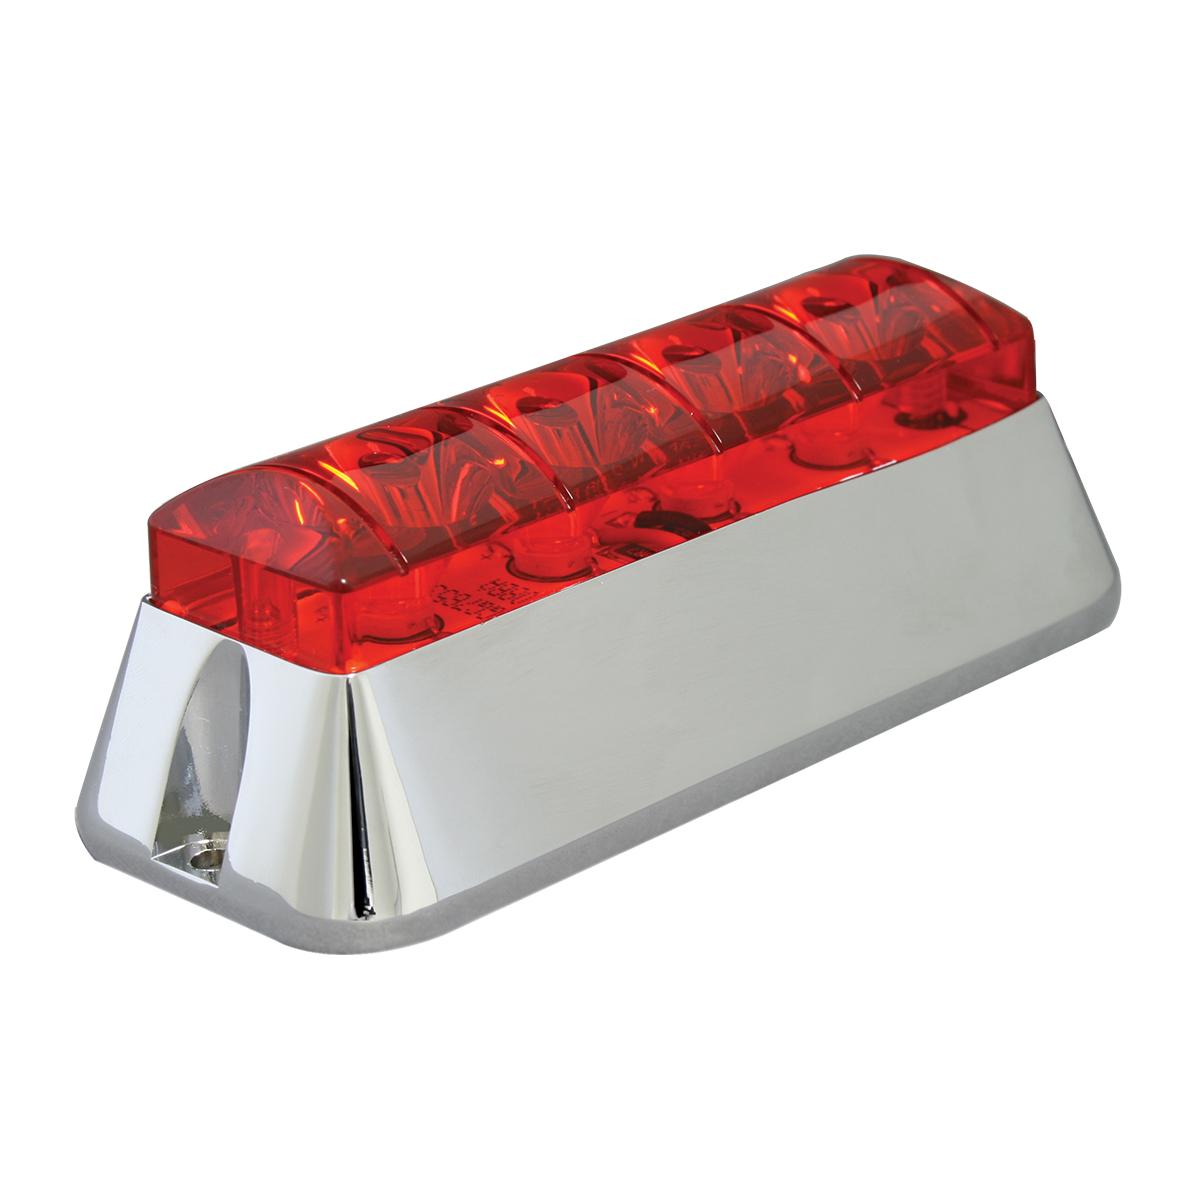 76532 Red/Red Medium Rectangular 4 LED Strobe Light